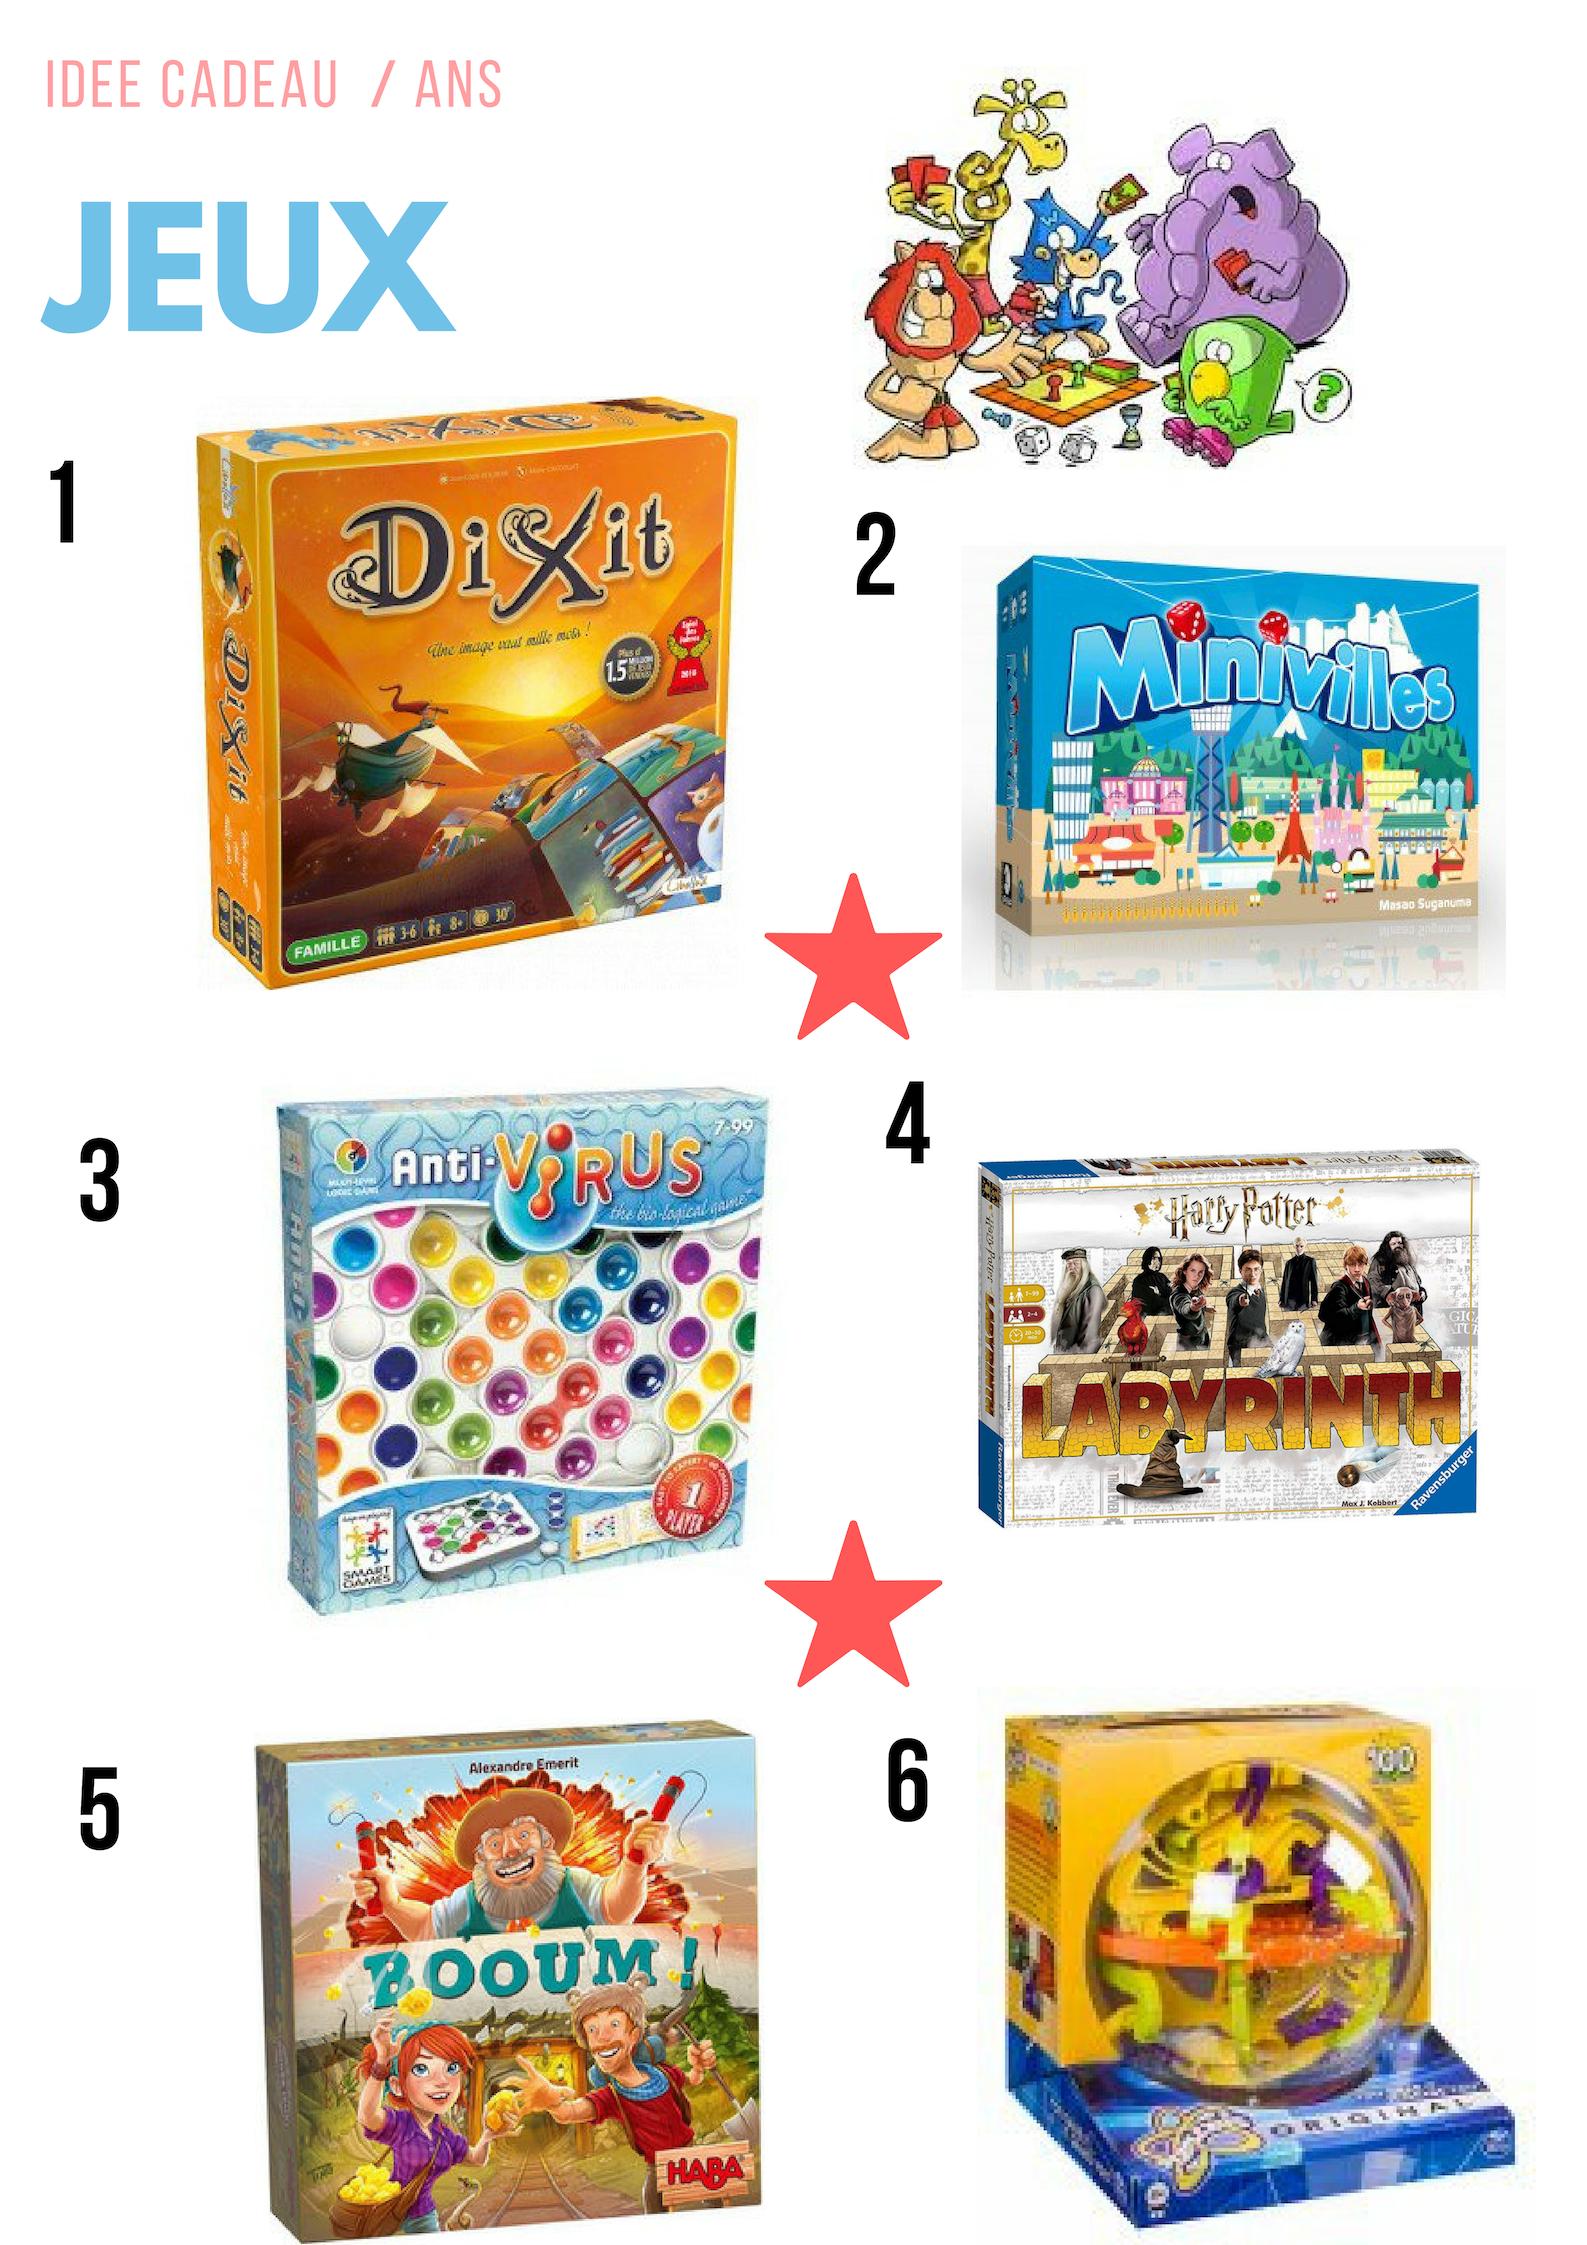 Wishlist 7 Ans | Idées Cadeaux, 7 Ans Et Cartes destiné Jeux Enfant 7 Ans